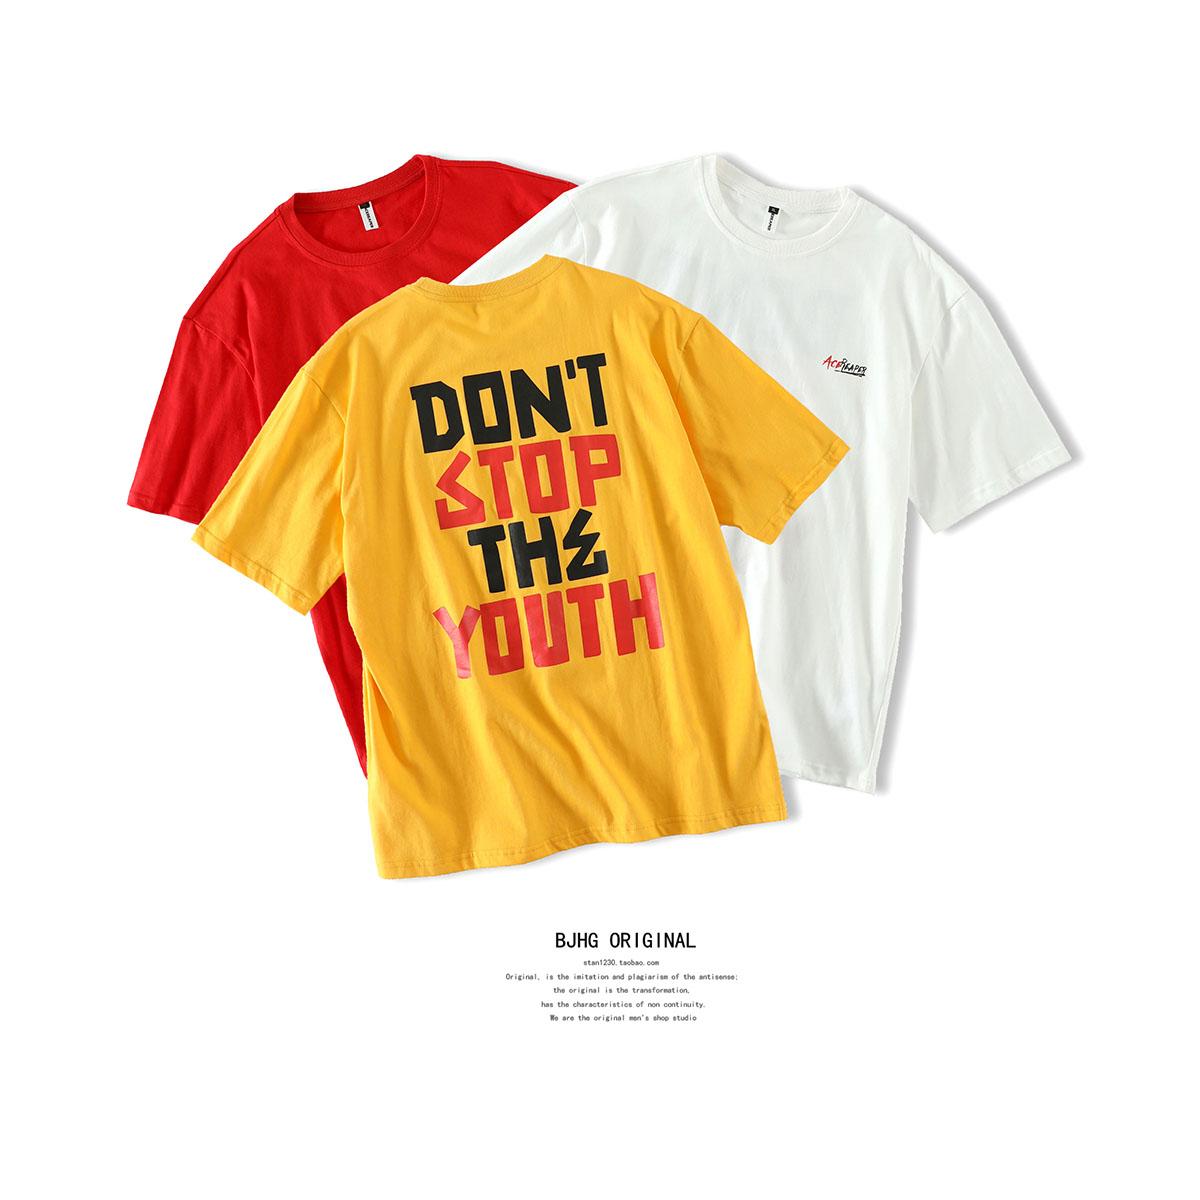 【特价】BJHG夏欧美街头嘻哈宽松字母印花短袖T恤潮男体恤半袖